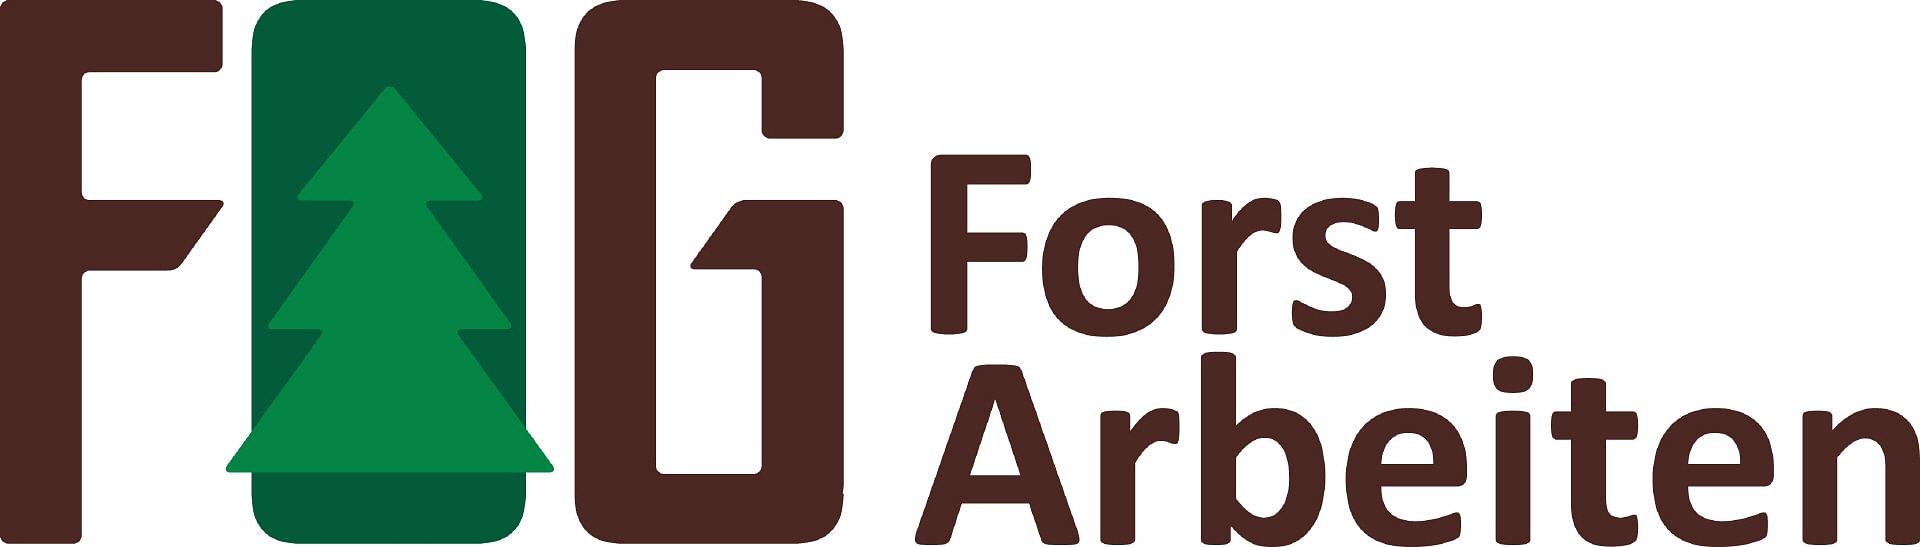 FOG-Forst Arbeiten